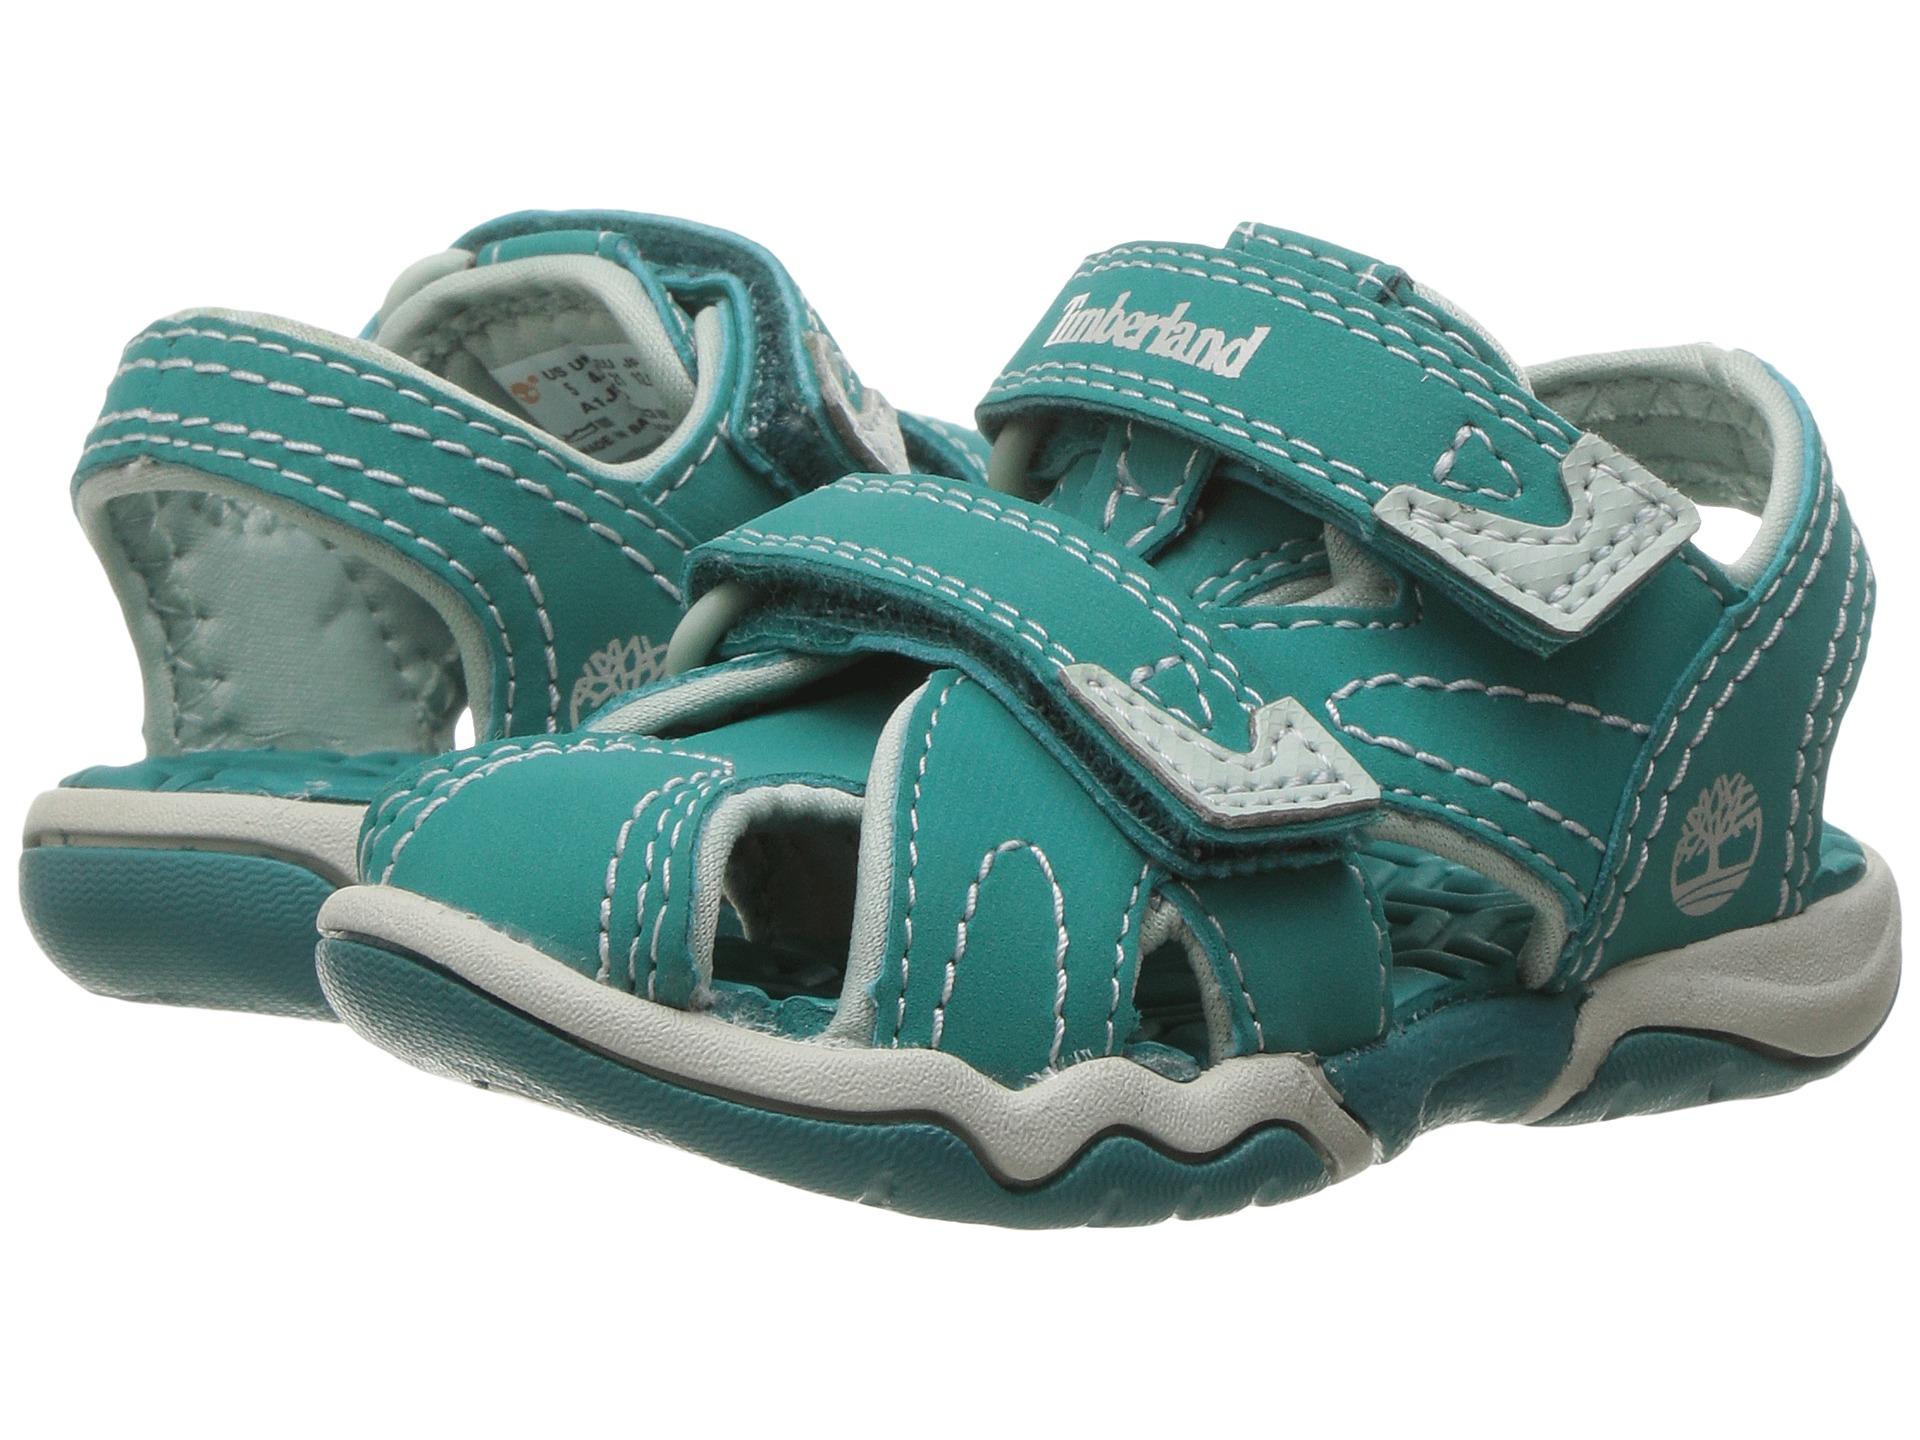 Timberland Kids Adventure Seeker Closed Toe Sandal ...